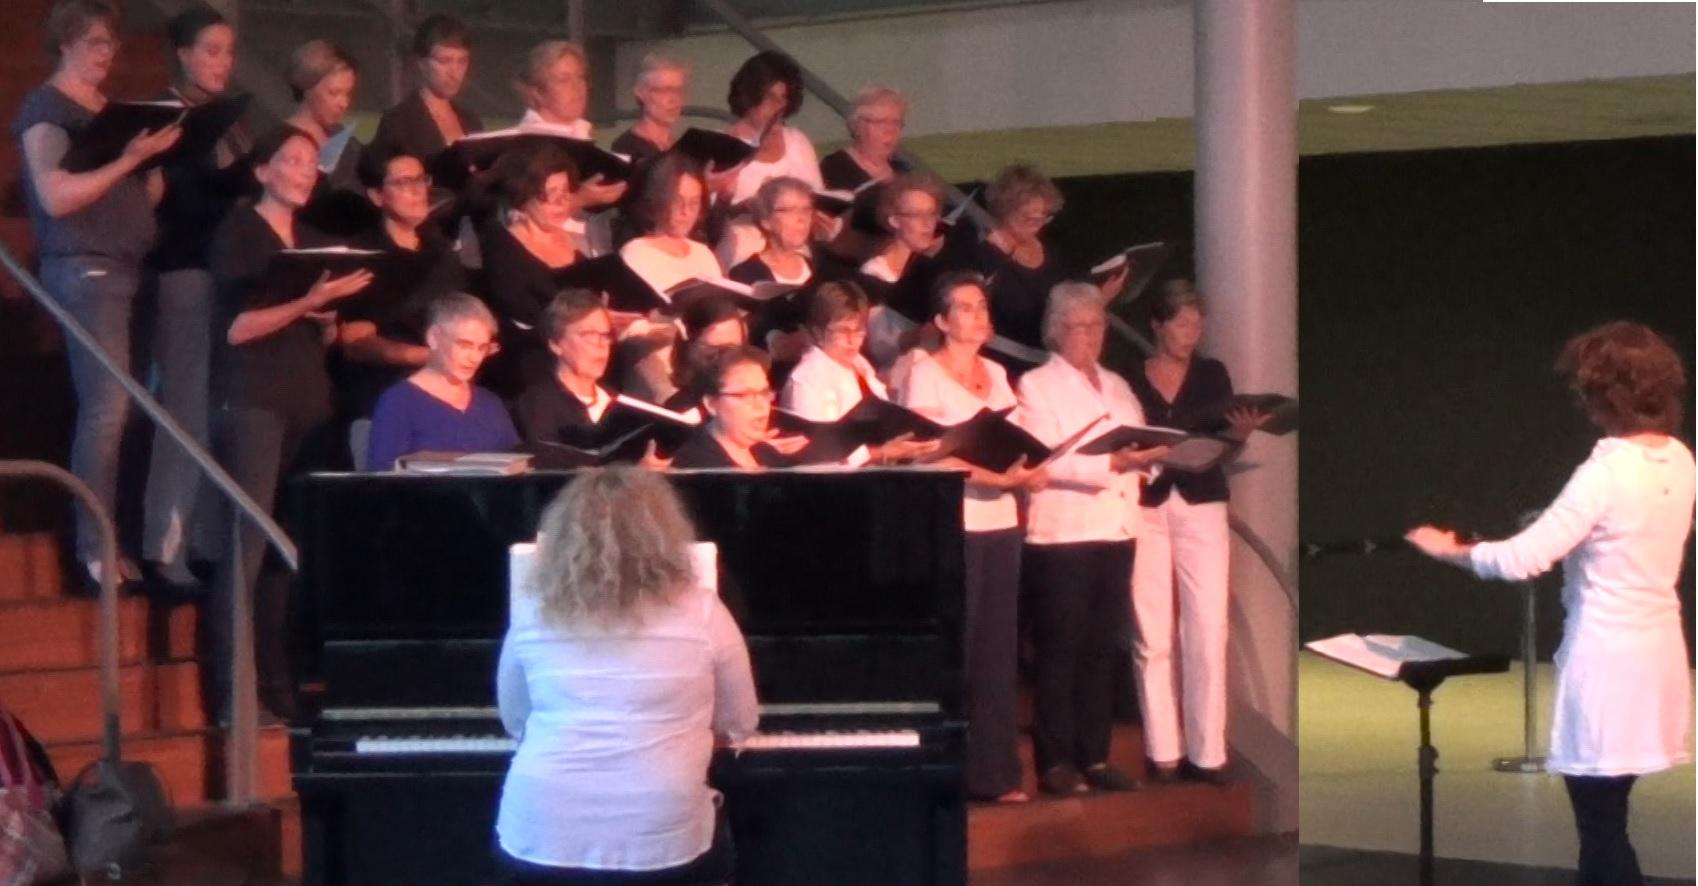 Pianist koor begeleiding koor